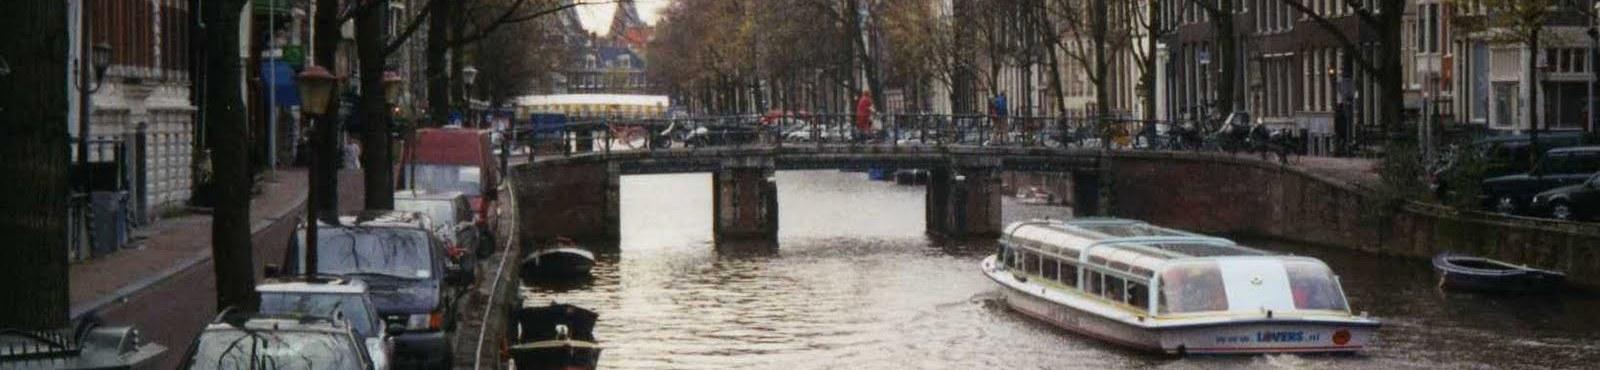 Olanda 2005